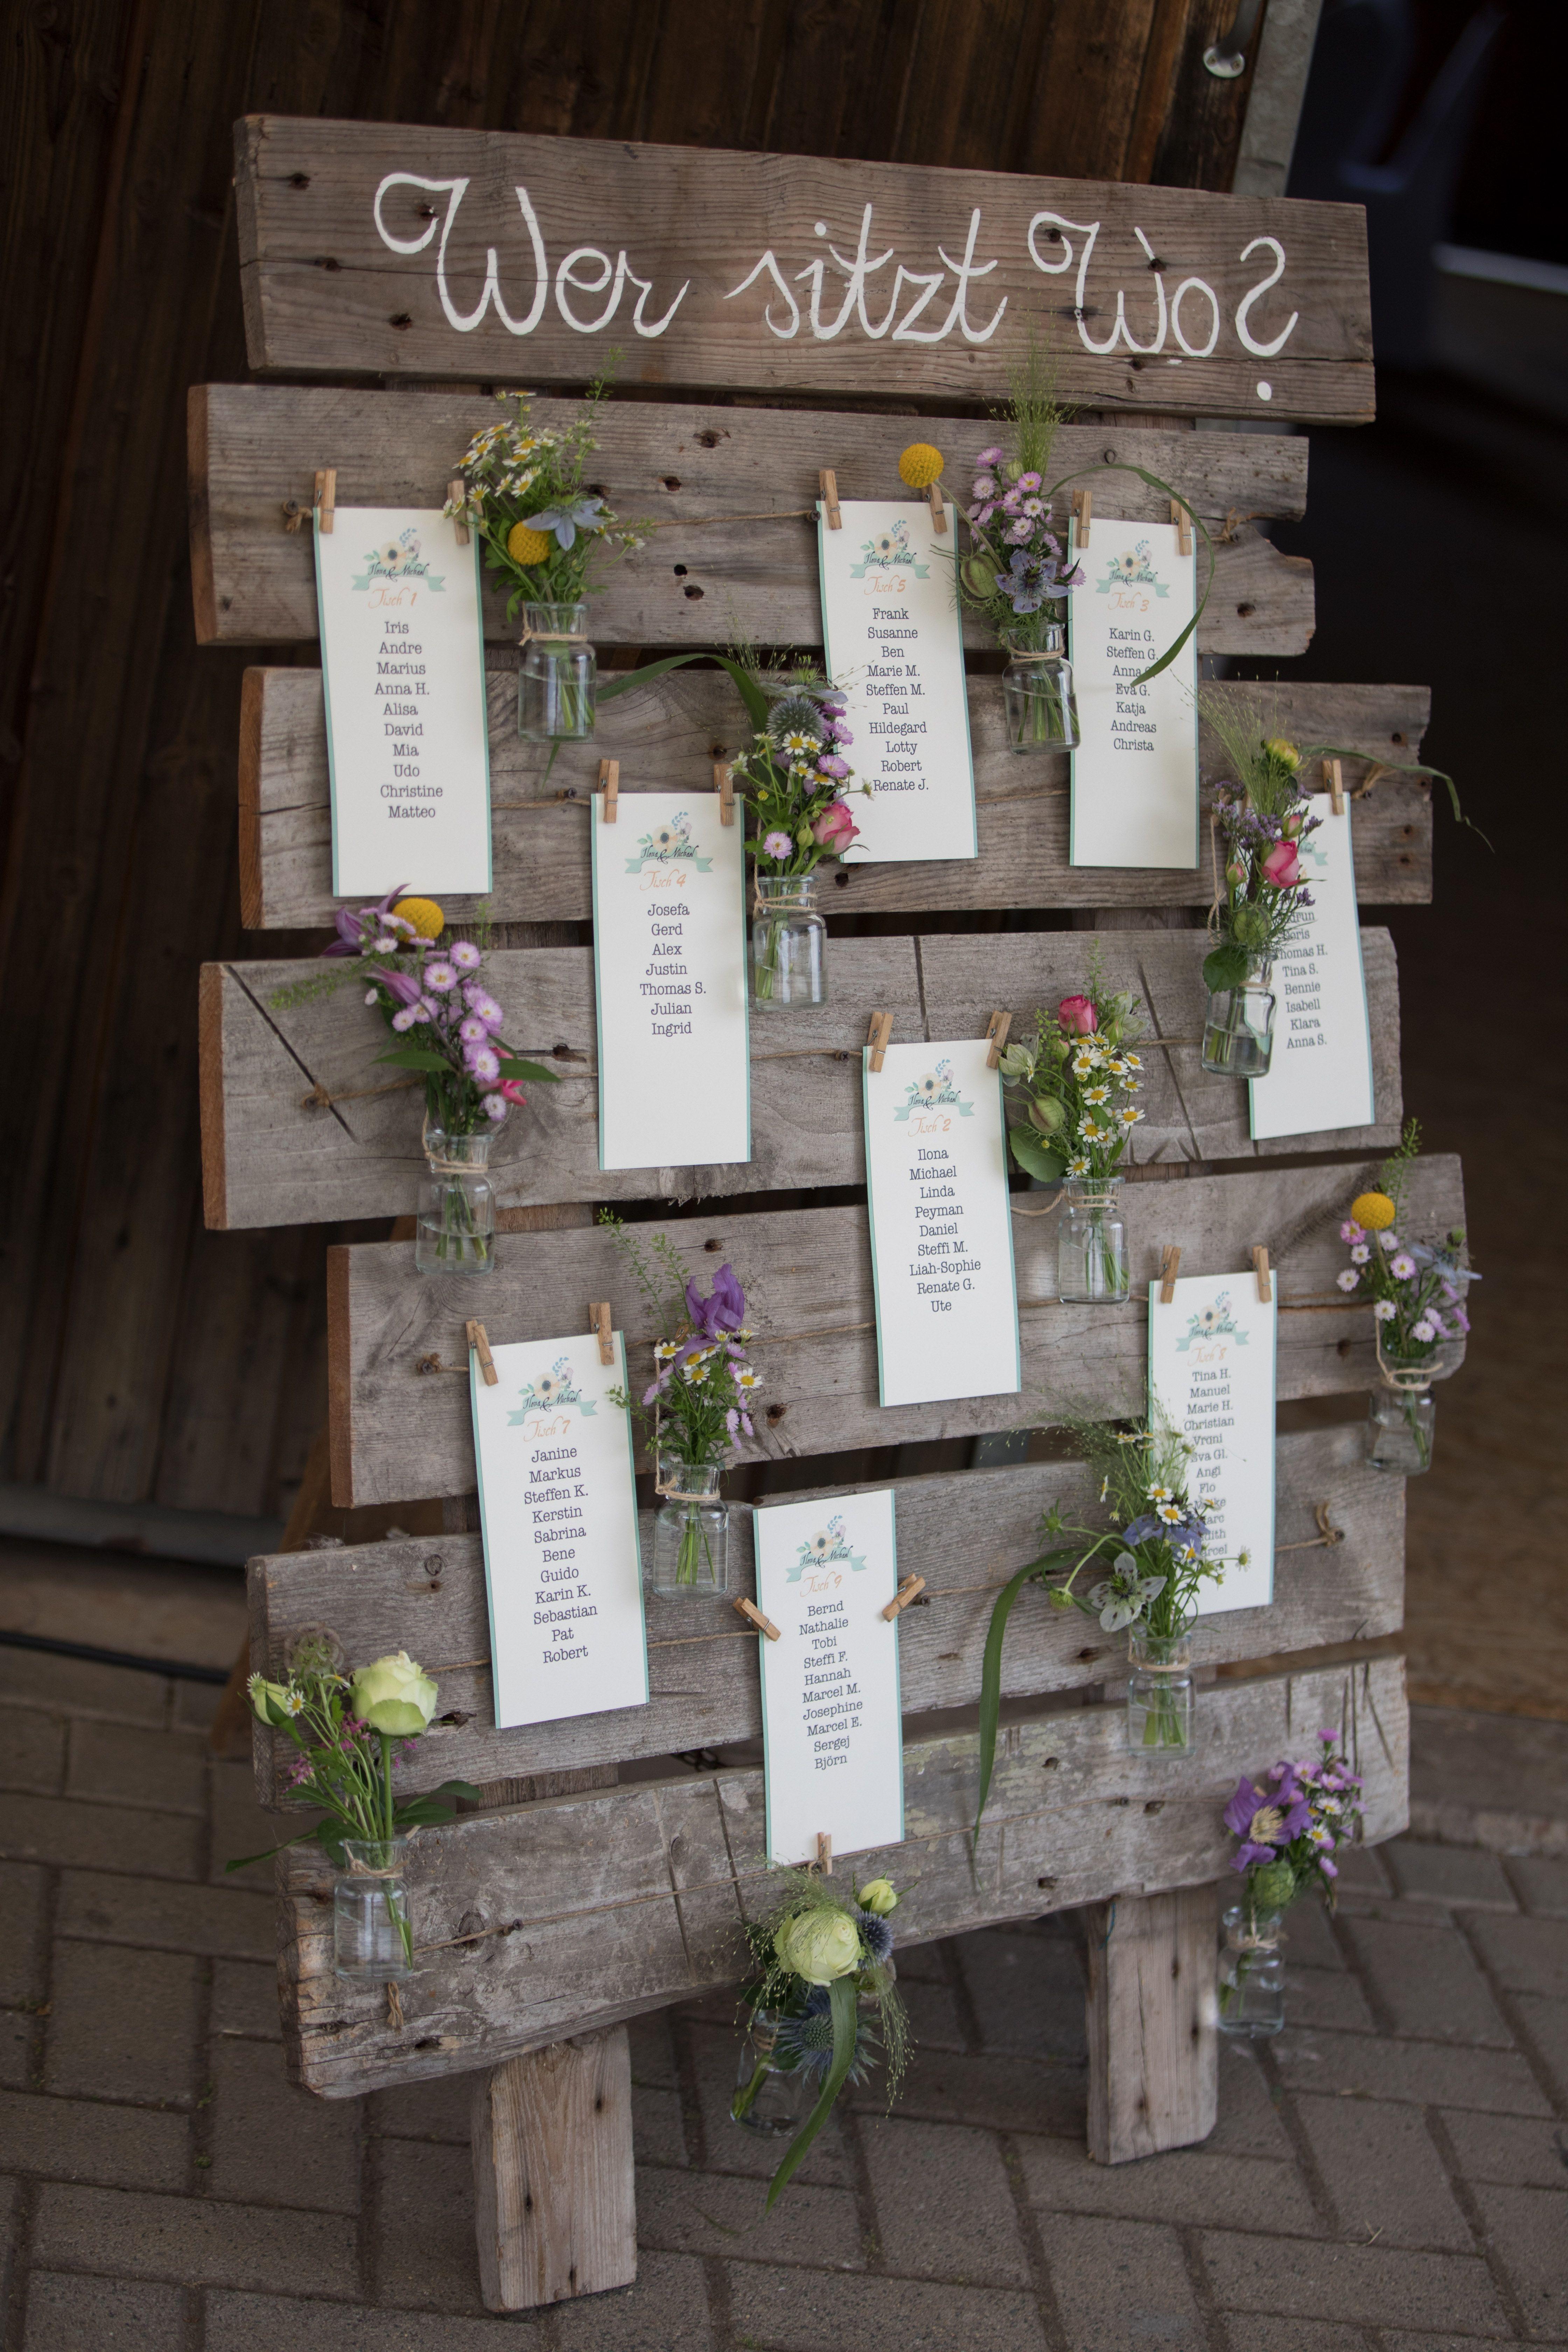 Sitzplan Seating Plan Palette Diy Selbstgemacht Blumen Flowers Idea Idee Inspiration Hochzeit Tischplan Sitzplan Hochzeit Hochzeit Sitzplan Ideen